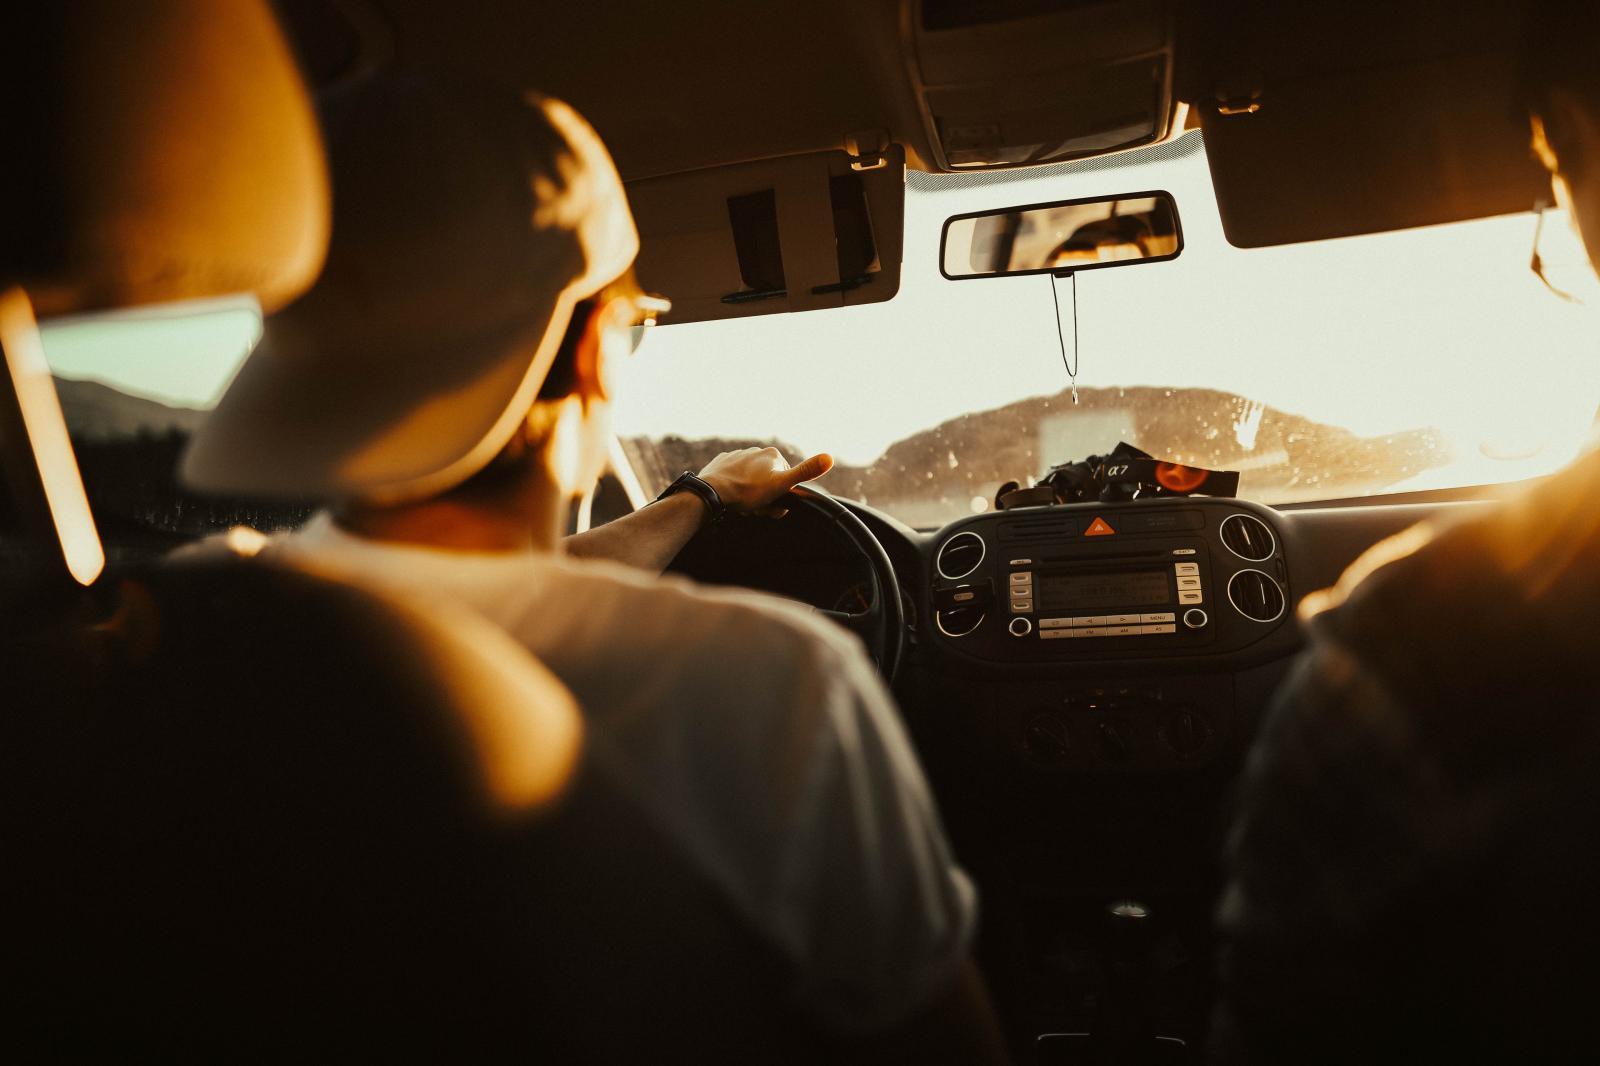 Cómo evitar accidentes por deslumbramientos